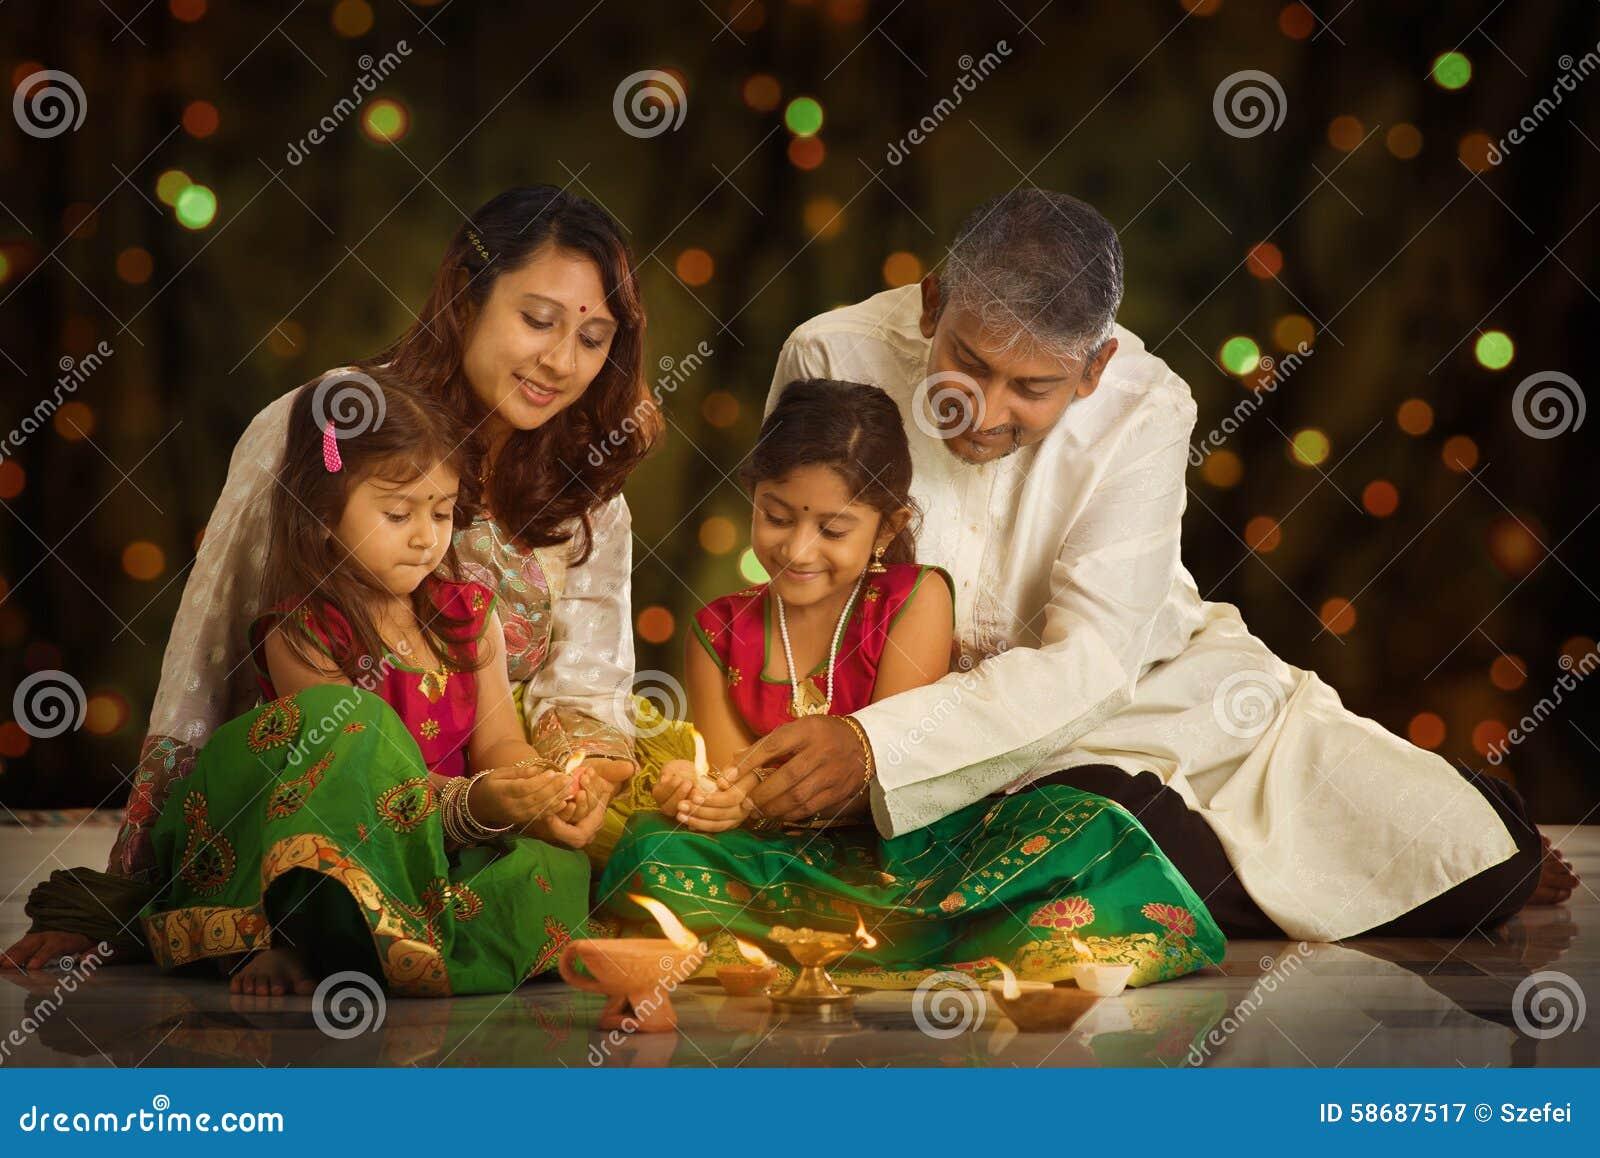 Familia india que celebra Diwali, fesitval de luces